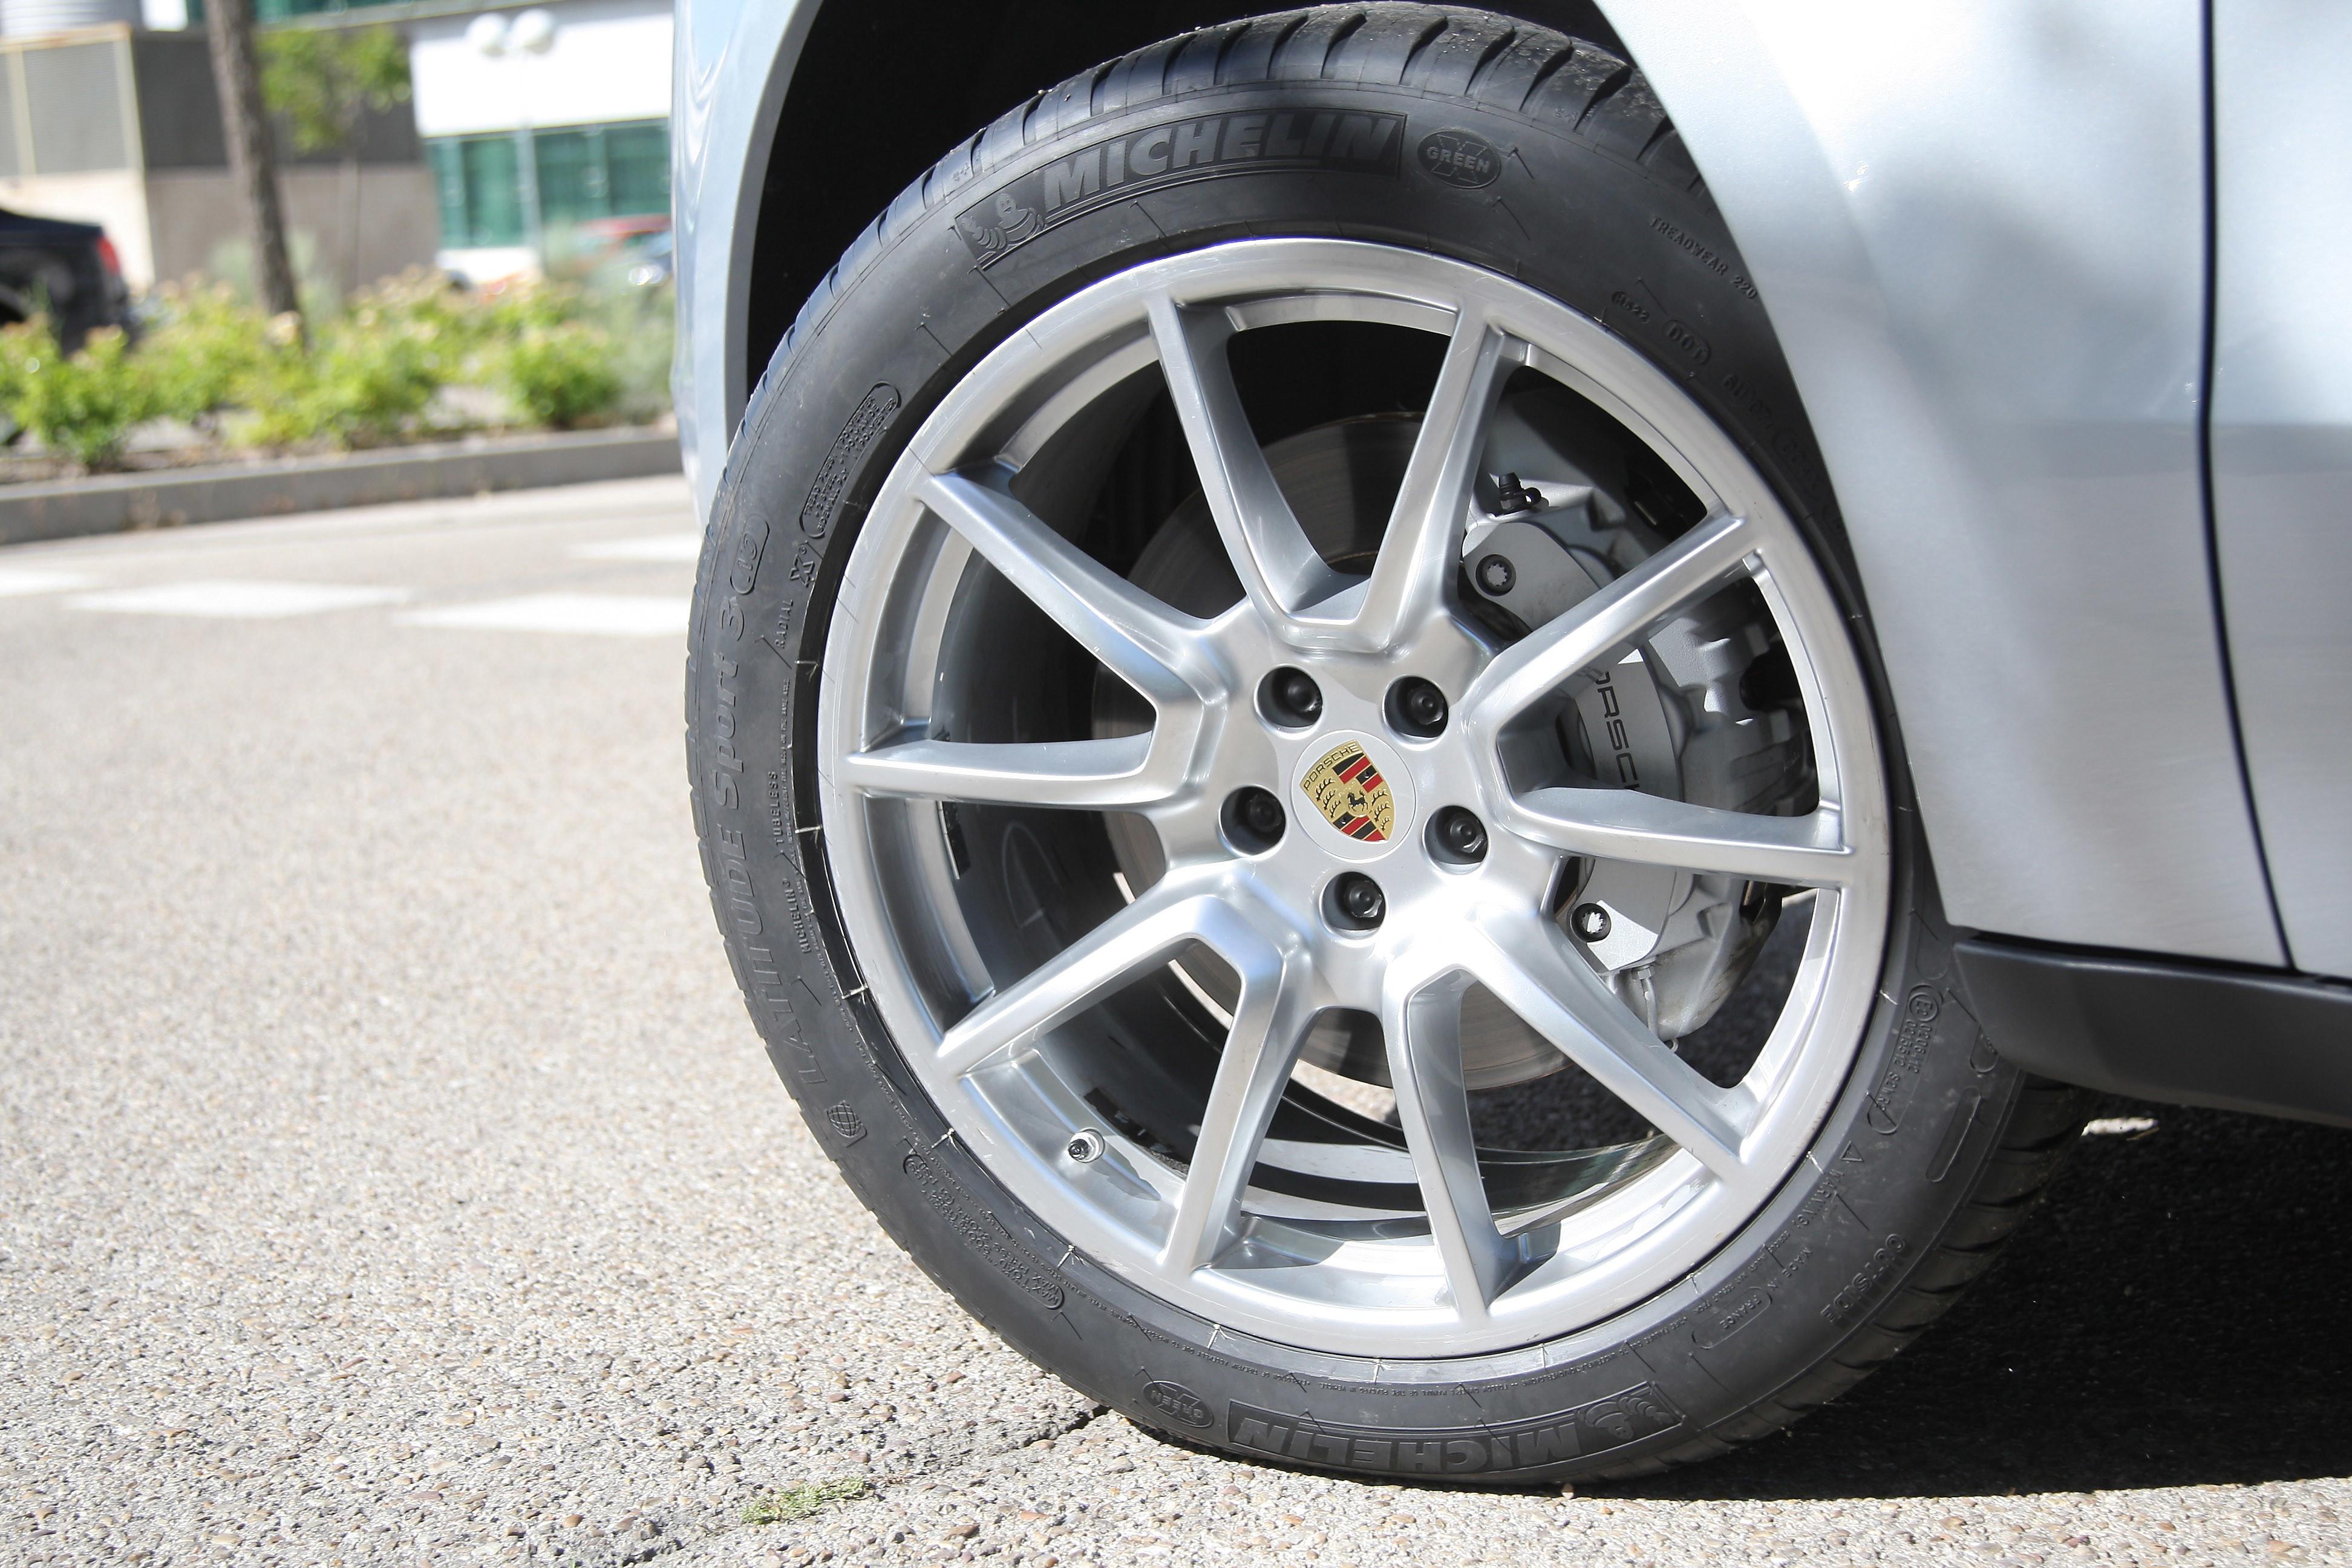 5 formas de reducir el desgaste de los neumáticos y ahorrar dinero